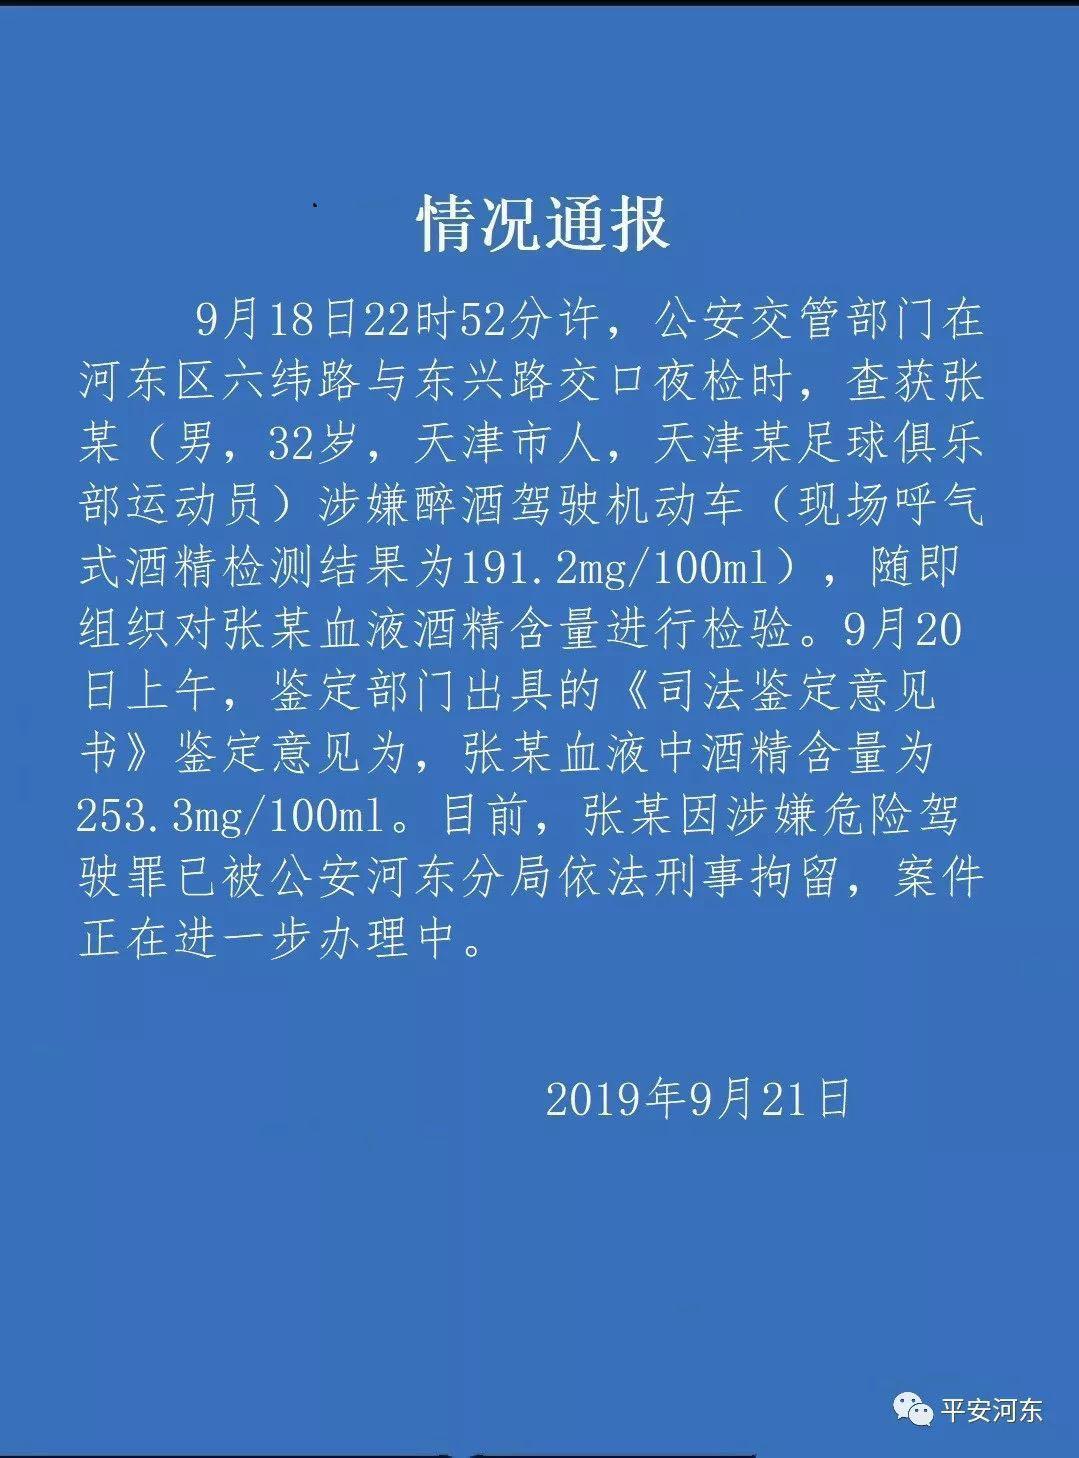 http://www.k2summit.cn/shehuiwanxiang/1094146.html